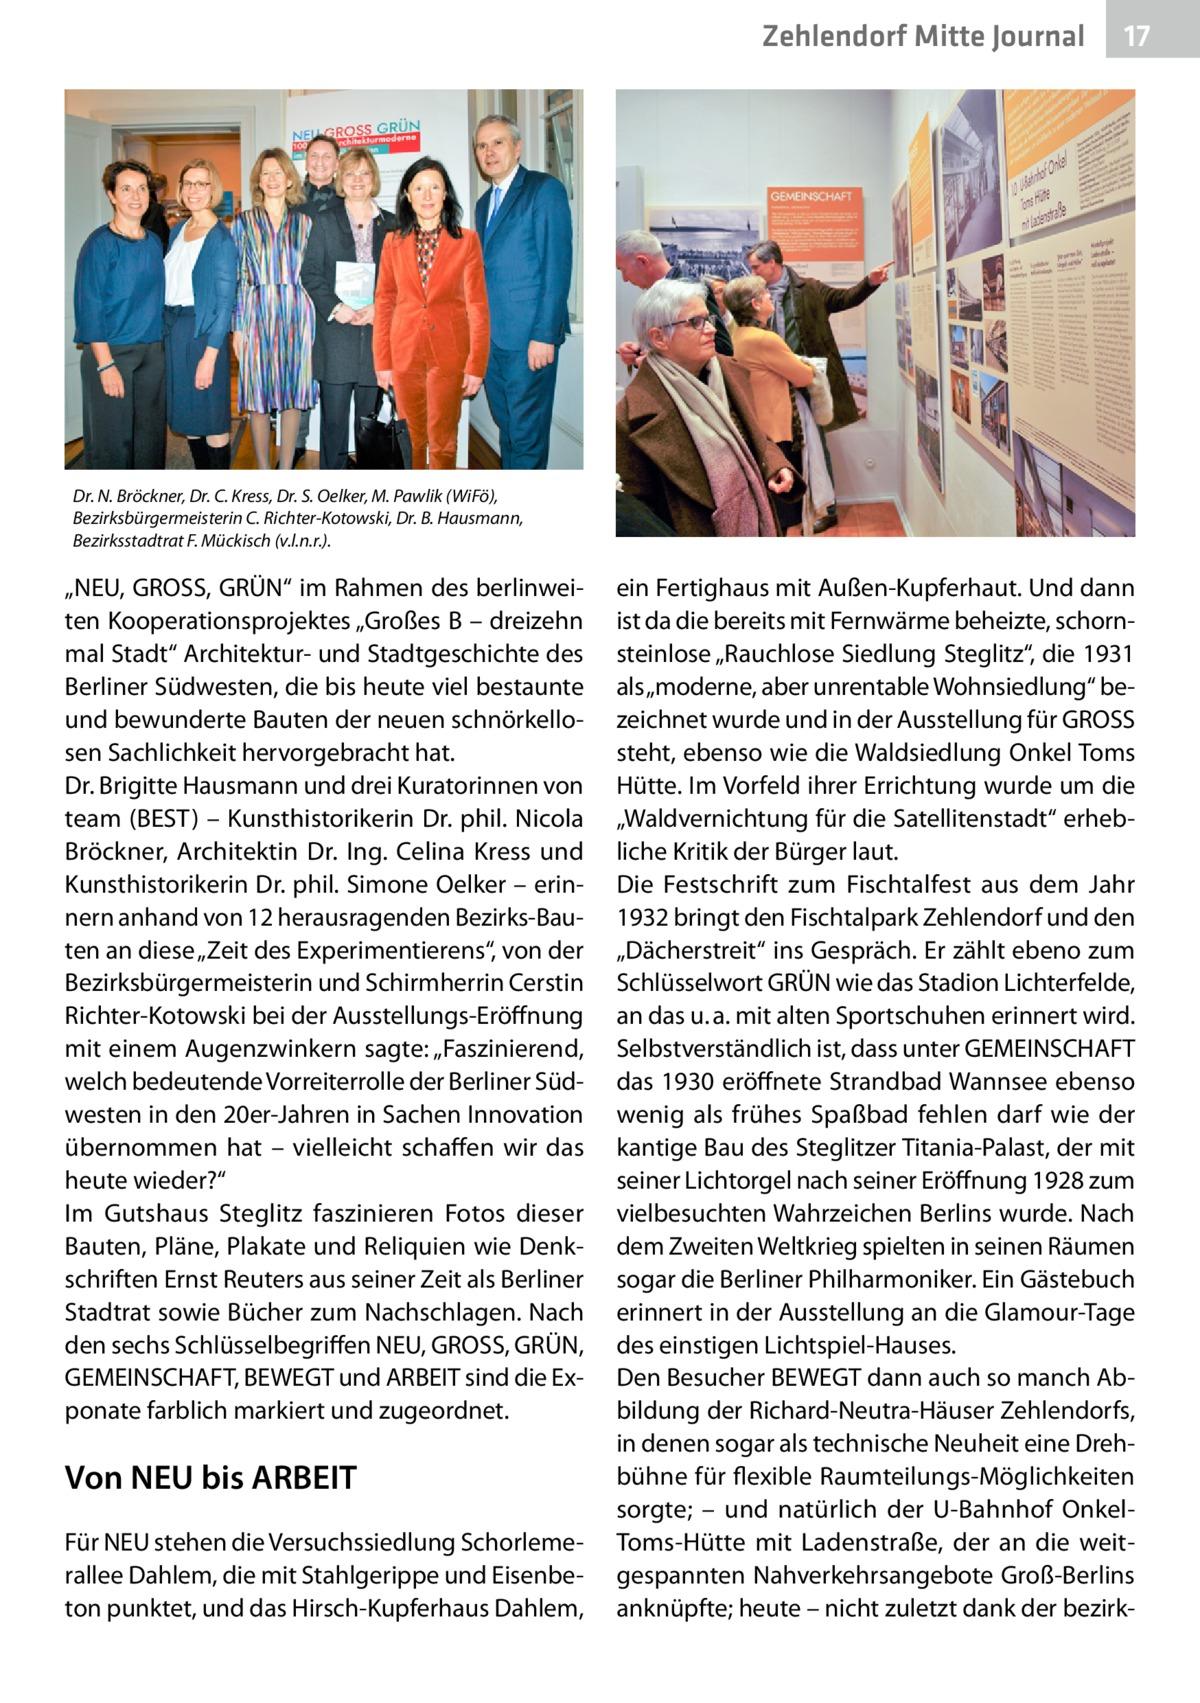 """Zehlendorf Mitte Journal  17  Dr.N. Bröckner, Dr.C. Kress, Dr.S. Oelker, M. Pawlik (WiFö), Bezirksbürgermeisterin C. Richter-Kotowski, Dr.B. Hausmann, Bezirksstadtrat F. Mückisch (v.l.n.r.).  """"NEU, GROSS, GRÜN"""" im Rahmen des berlinweiten Kooperationsprojektes """"GroßesB – dreizehn mal Stadt"""" Architektur- und Stadtgeschichte des Berliner Südwesten, die bis heute viel bestaunte und bewunderte Bauten der neuen schnörkellosen Sachlichkeit hervorgebracht hat. Dr.Brigitte Hausmann und drei Kuratorinnen von team (BEST) – Kunsthistorikerin Dr. phil. Nicola Bröckner, Architektin Dr. Ing. Celina Kress und Kunsthistorikerin Dr. phil. Simone Oelker – erinnern anhand von 12 herausragenden Bezirks-Bauten an diese """"Zeit des Experimentierens"""", von der Bezirksbürgermeisterin und Schirmherrin Cerstin Richter-Kotowski bei der Ausstellungs-Eröffnung mit einem Augenzwinkern sagte: """"Faszinierend, welch bedeutende Vorreiterrolle der Berliner Südwesten in den 20er-Jahren in Sachen Innovation übernommen hat – vielleicht schaffen wir das heute wieder?"""" Im Gutshaus Steglitz faszinieren Fotos dieser Bauten, Pläne, Plakate und Reliquien wie Denkschriften Ernst Reuters aus seiner Zeit als Berliner Stadtrat sowie Bücher zum Nachschlagen. Nach den sechs Schlüsselbegriffen NEU, GROSS, GRÜN, GEMEINSCHAFT, BEWEGT und ARBEIT sind die Exponate farblich markiert und zugeordnet.  Von NEU bis ARBEIT Für NEU stehen die Versuchssiedlung Schorlemerallee Dahlem, die mit Stahlgerippe und Eisenbeton punktet, und das Hirsch-Kupferhaus Dahlem,  ein Fertighaus mit Außen-Kupferhaut. Und dann ist da die bereits mit Fernwärme beheizte, schornsteinlose """"Rauchlose Siedlung Steglitz"""", die 1931 als """"moderne, aber unrentable Wohnsiedlung"""" bezeichnet wurde und in der Ausstellung für GROSS steht, ebenso wie die Waldsiedlung Onkel Toms Hütte. Im Vorfeld ihrer Errichtung wurde um die """"Waldvernichtung für die Satellitenstadt"""" erhebliche Kritik der Bürger laut. Die Festschrift zum Fischtalfest aus dem Jahr 1932 bringt den Fischta"""